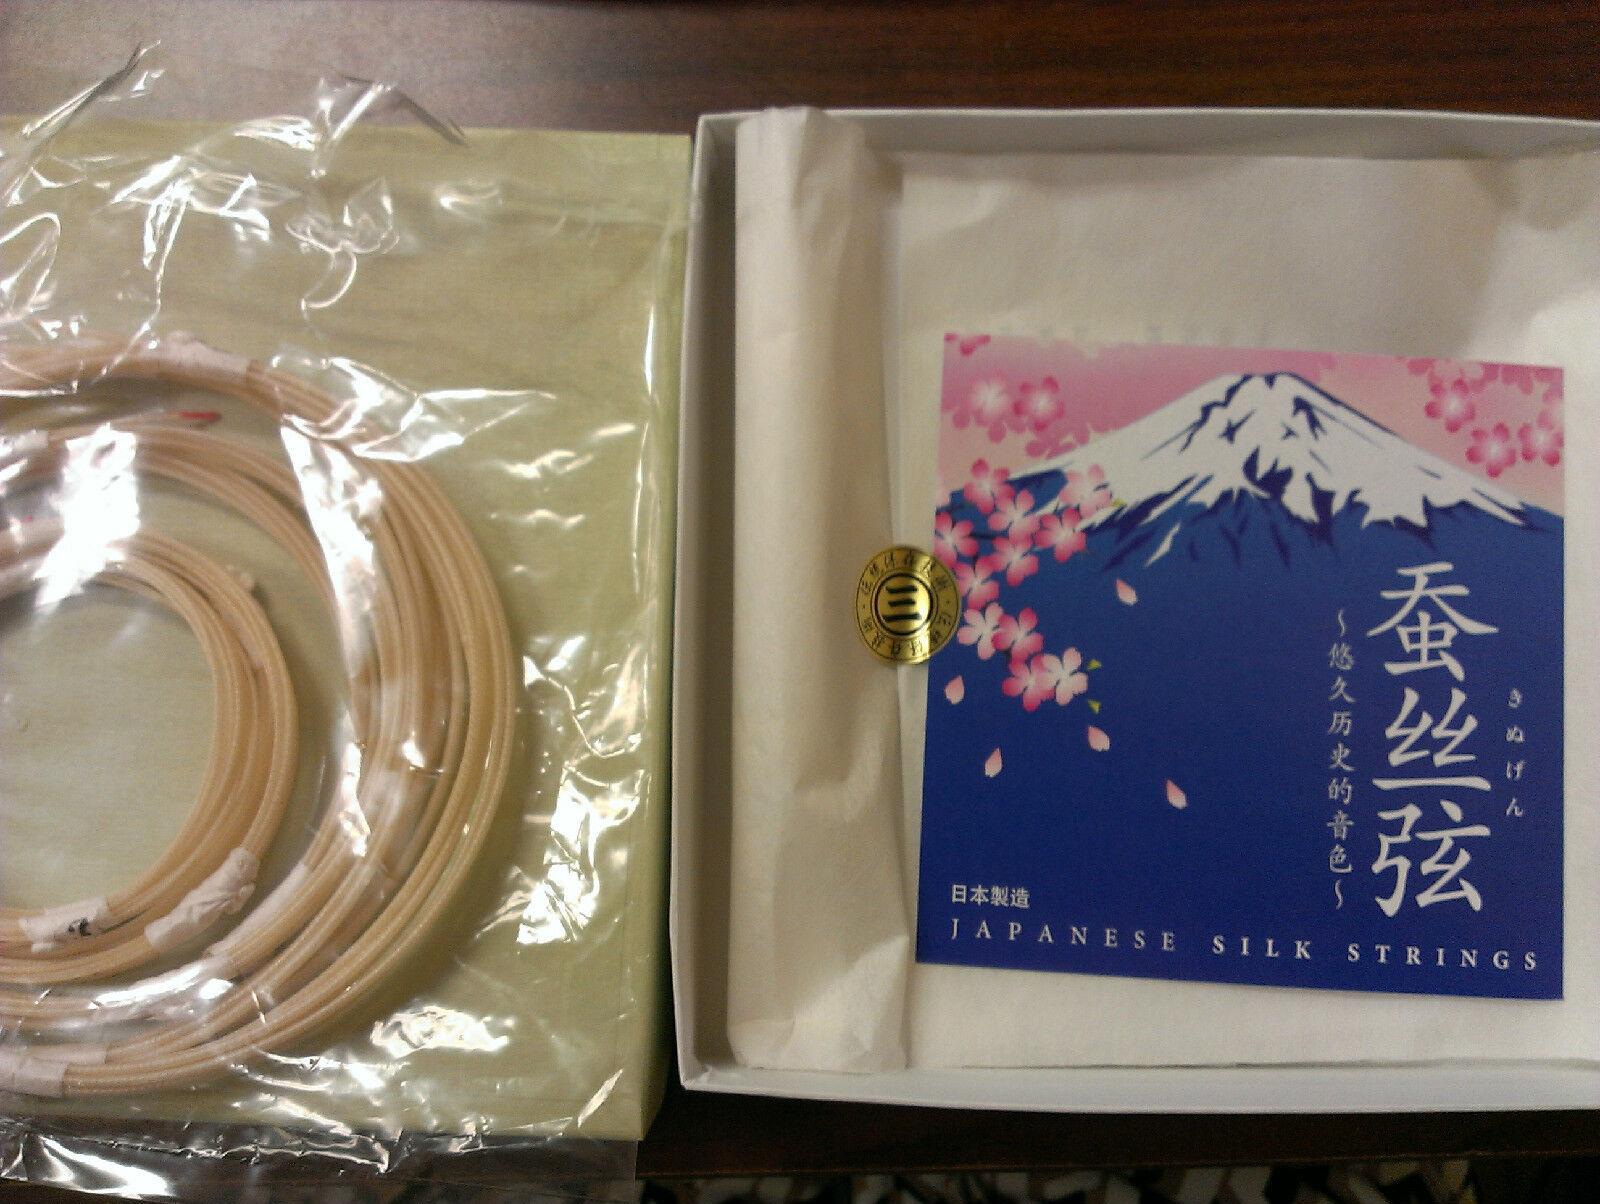 Die Guqin Silk String Set von Marusan Hashimoto